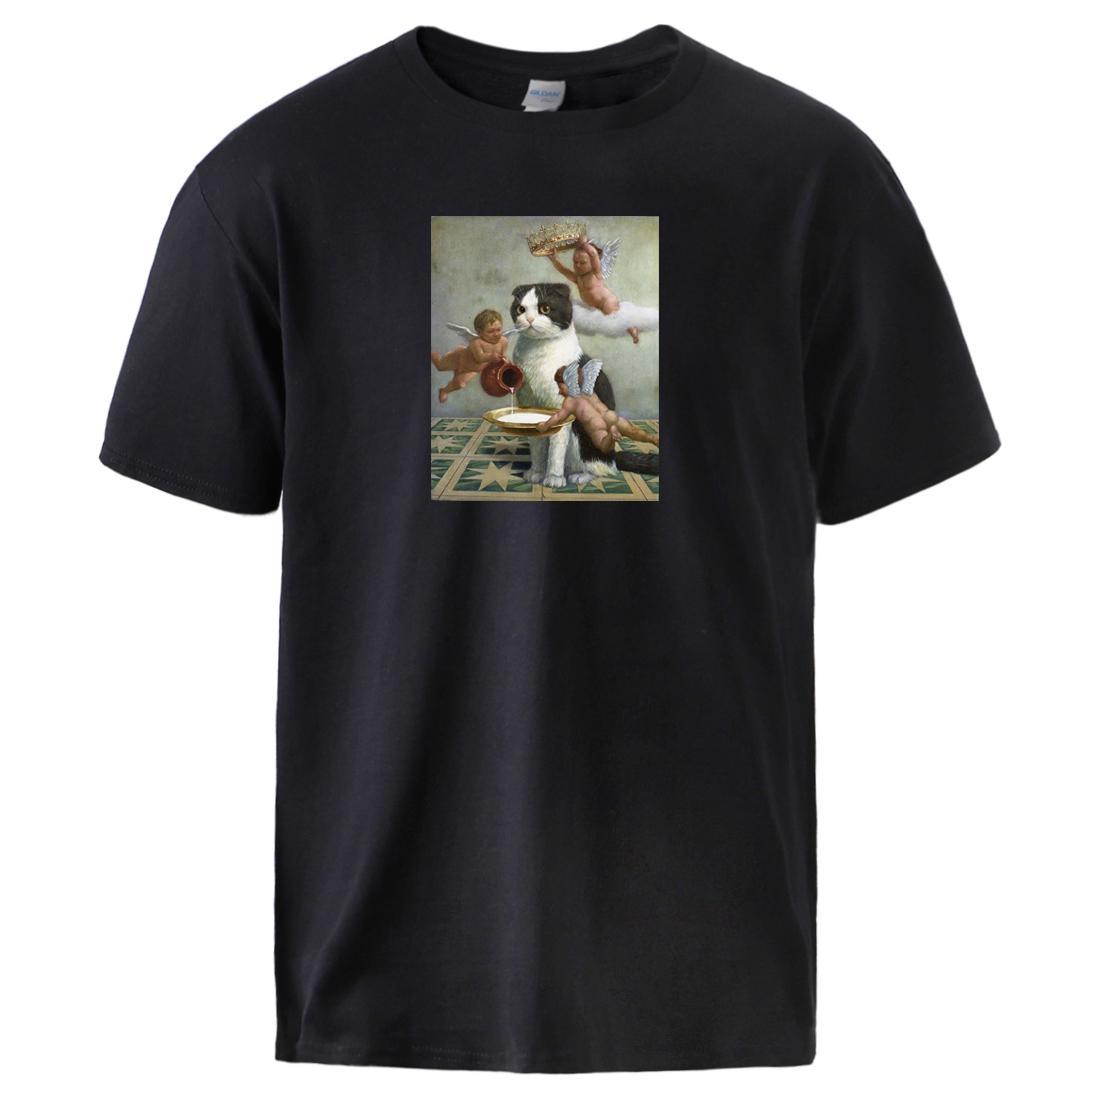 Смешные Cute Cat печать футболка для парня 2020 Людей Марки Лето Сыпучего Fit Streetwear с коротким рукавом 100% хлопок Спортивной одежды Футболки